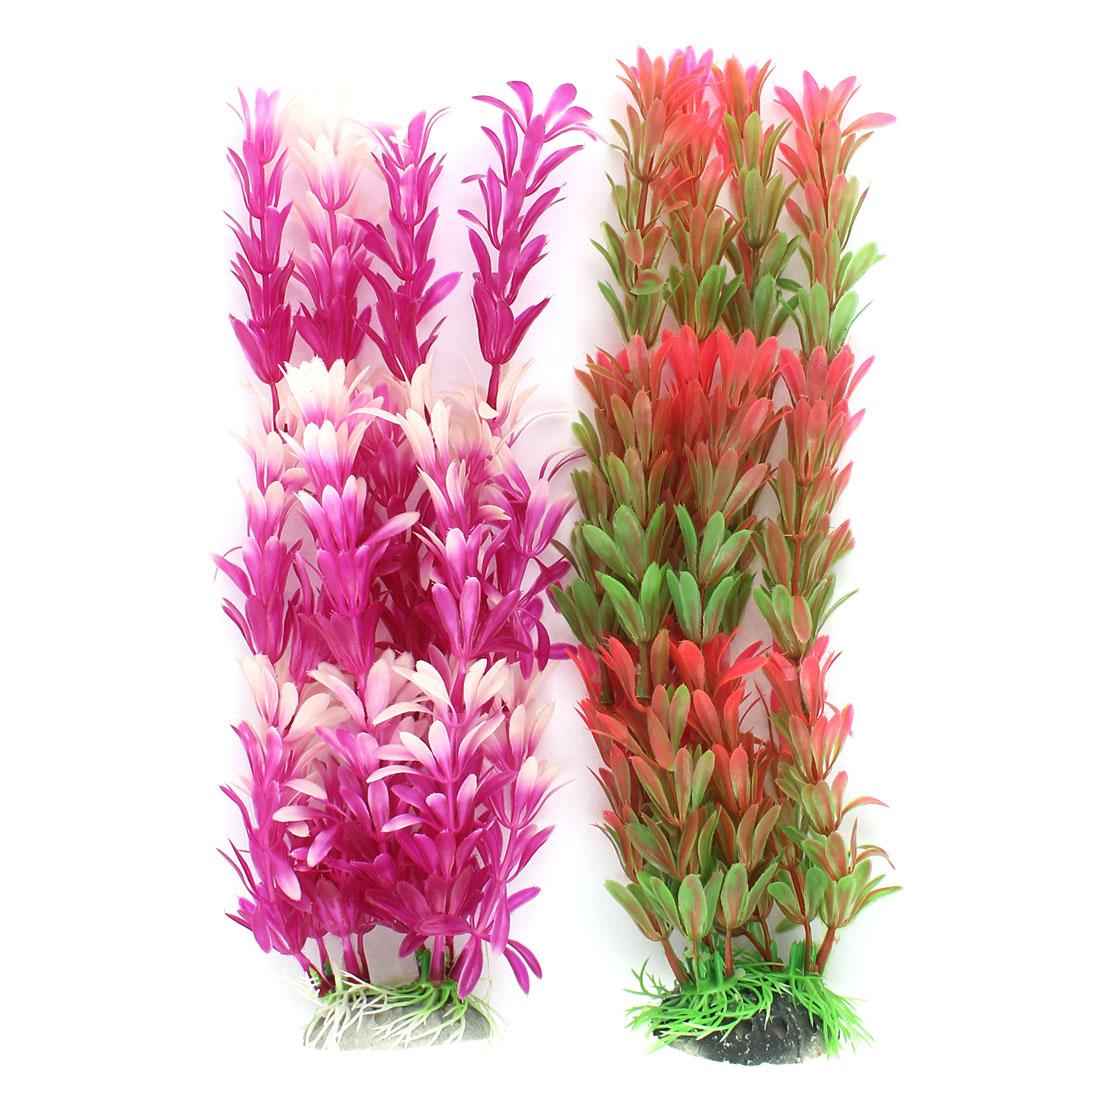 Plastic Underwater Sea Weeds Plant Fish Tank Aquarium Decoration 2pcs